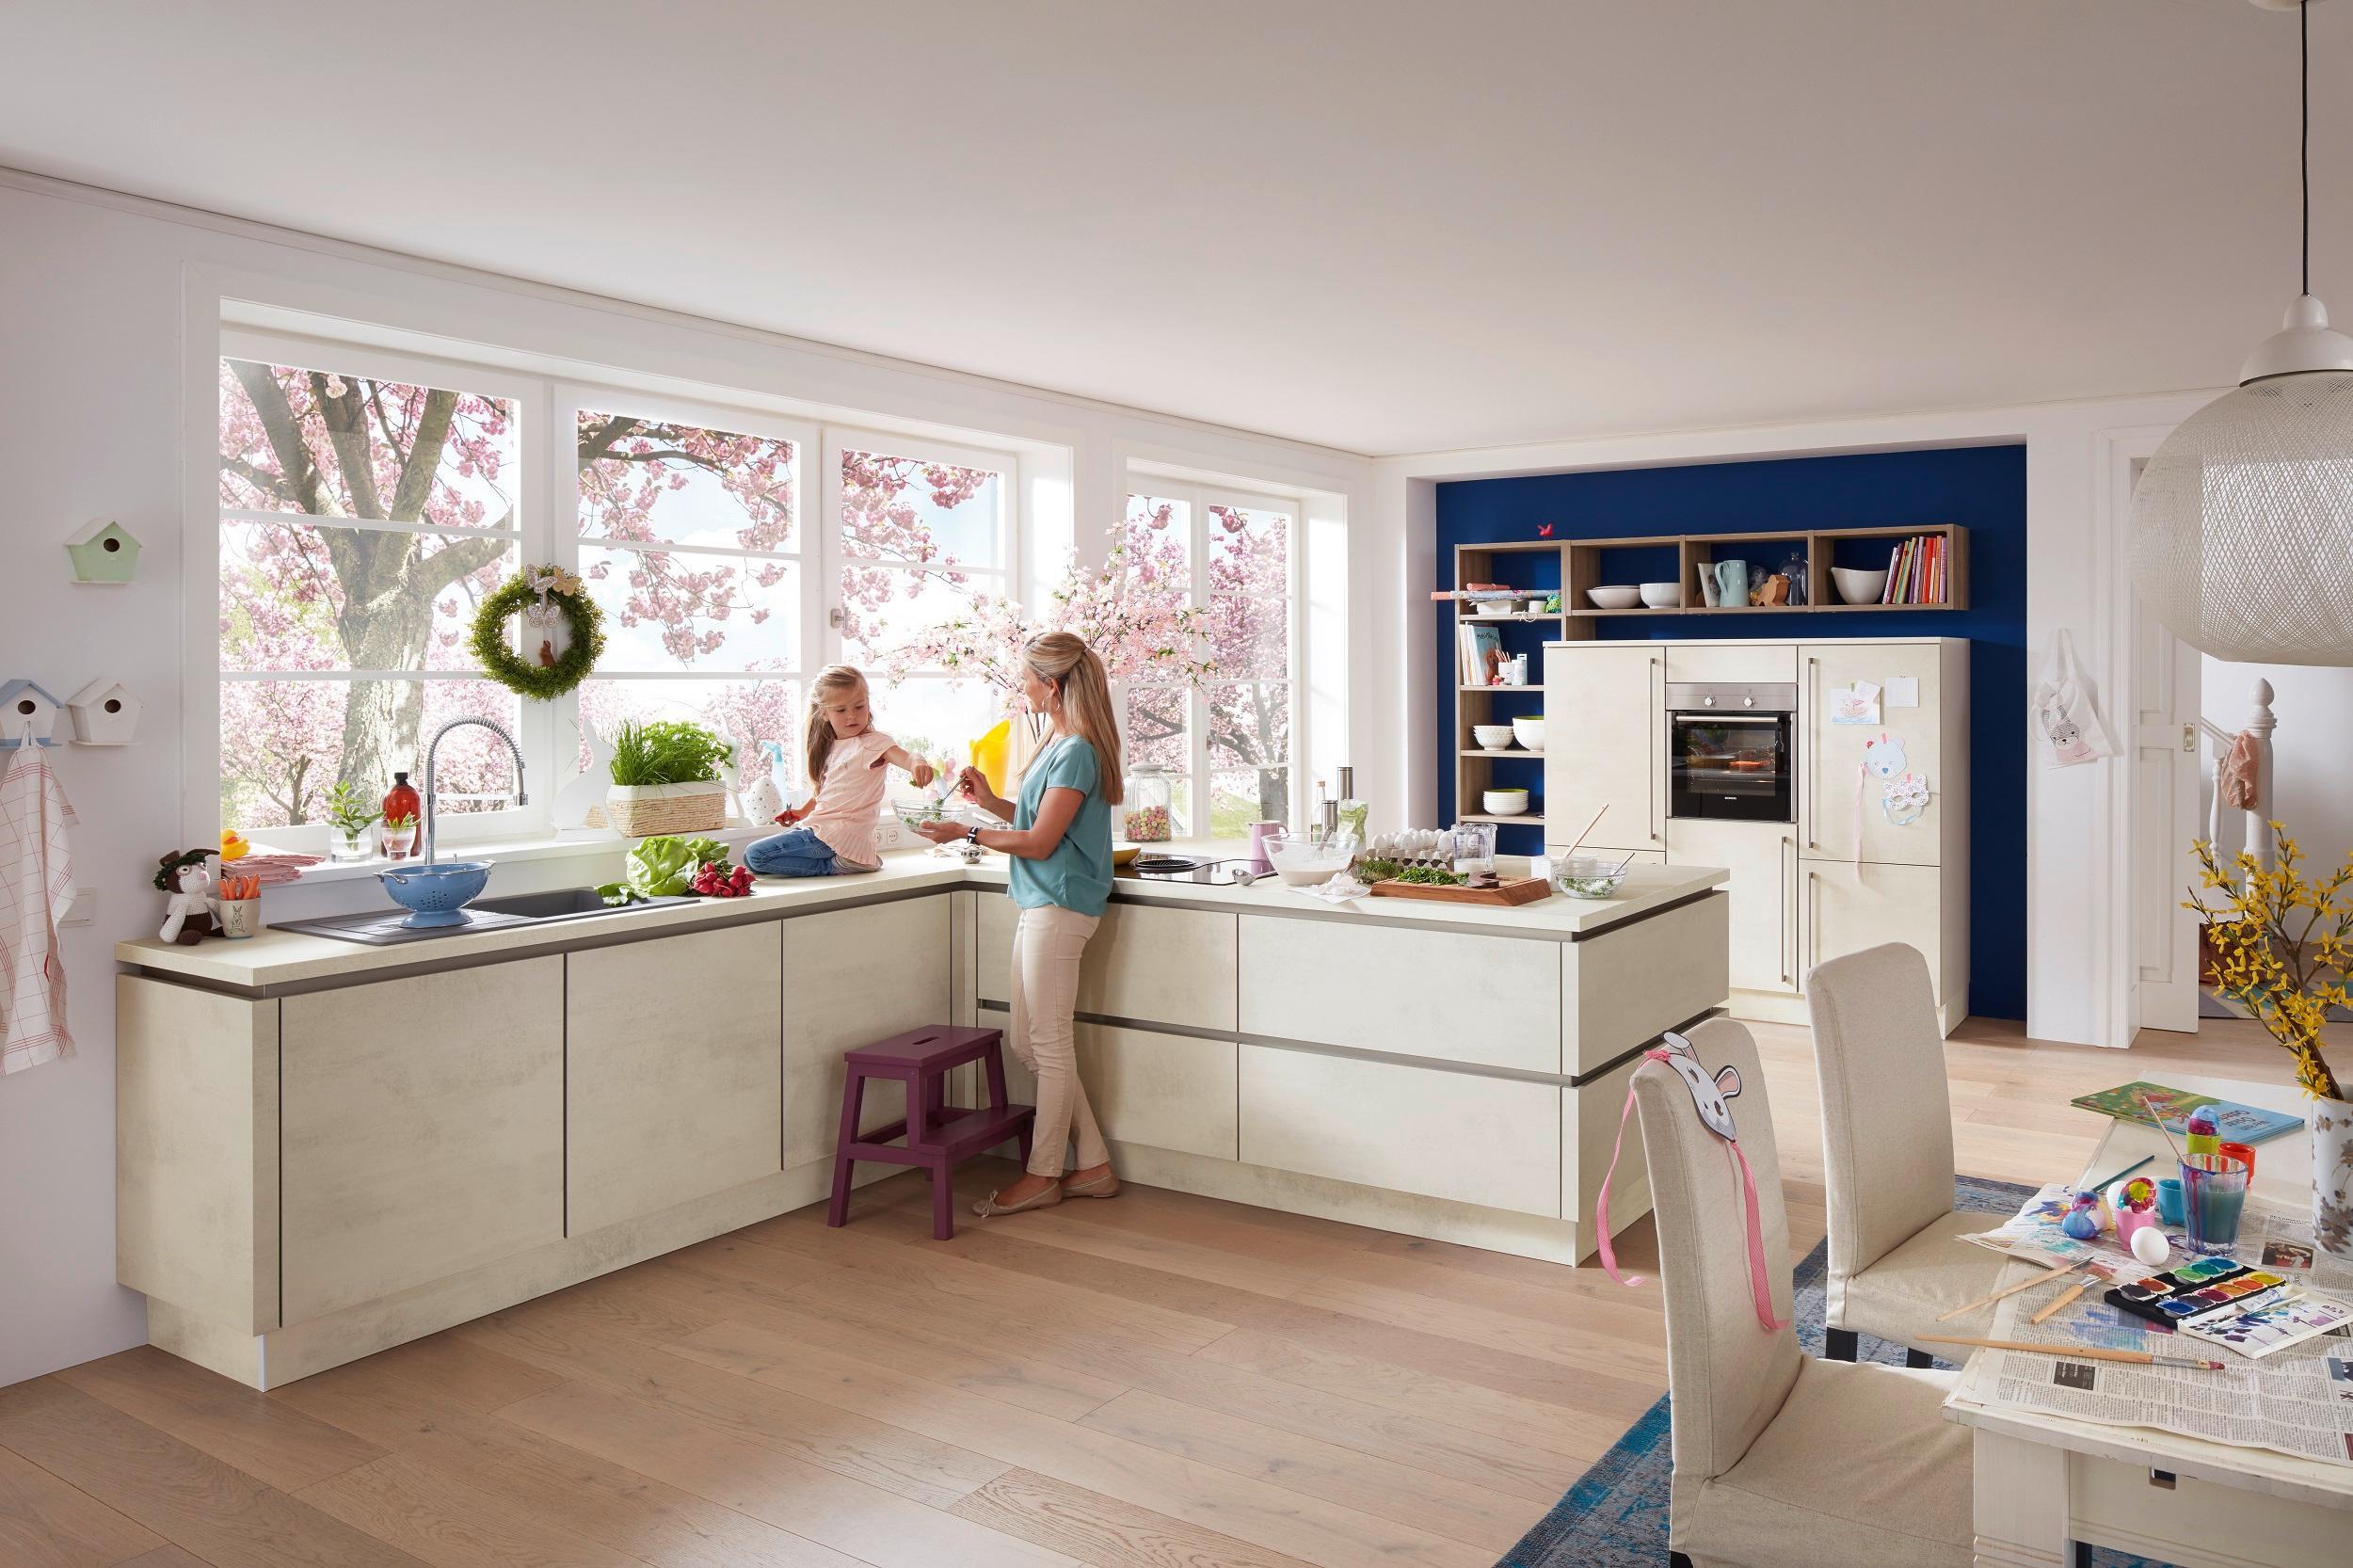 Küche-Life-Style - Verkauf, Einbau Von Küchen, Kevelaer ...